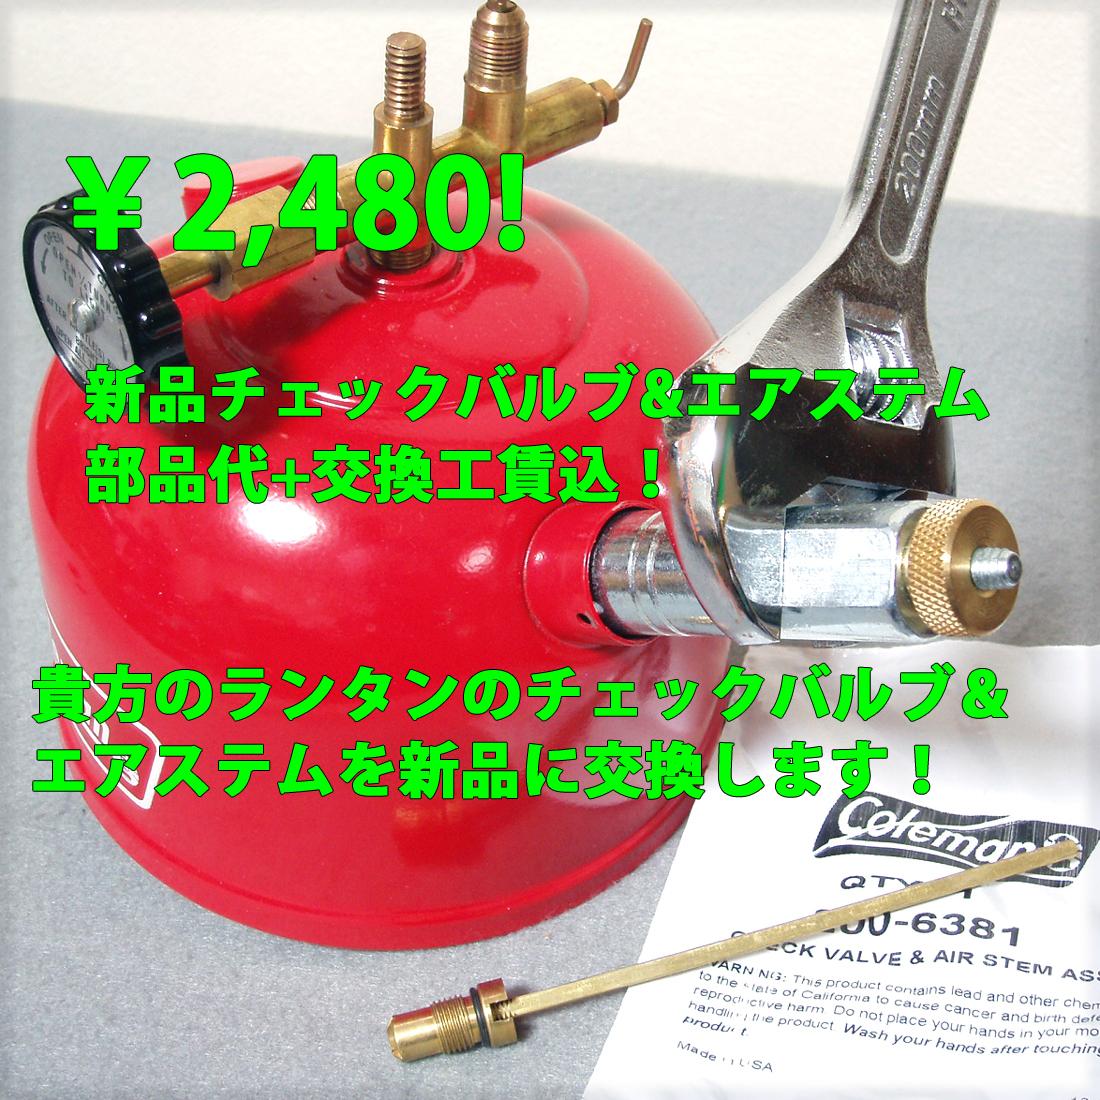 ¥2,480!!チェックバルブ&エアステム交換格安! ランタン修理 新品部品代&工賃込!